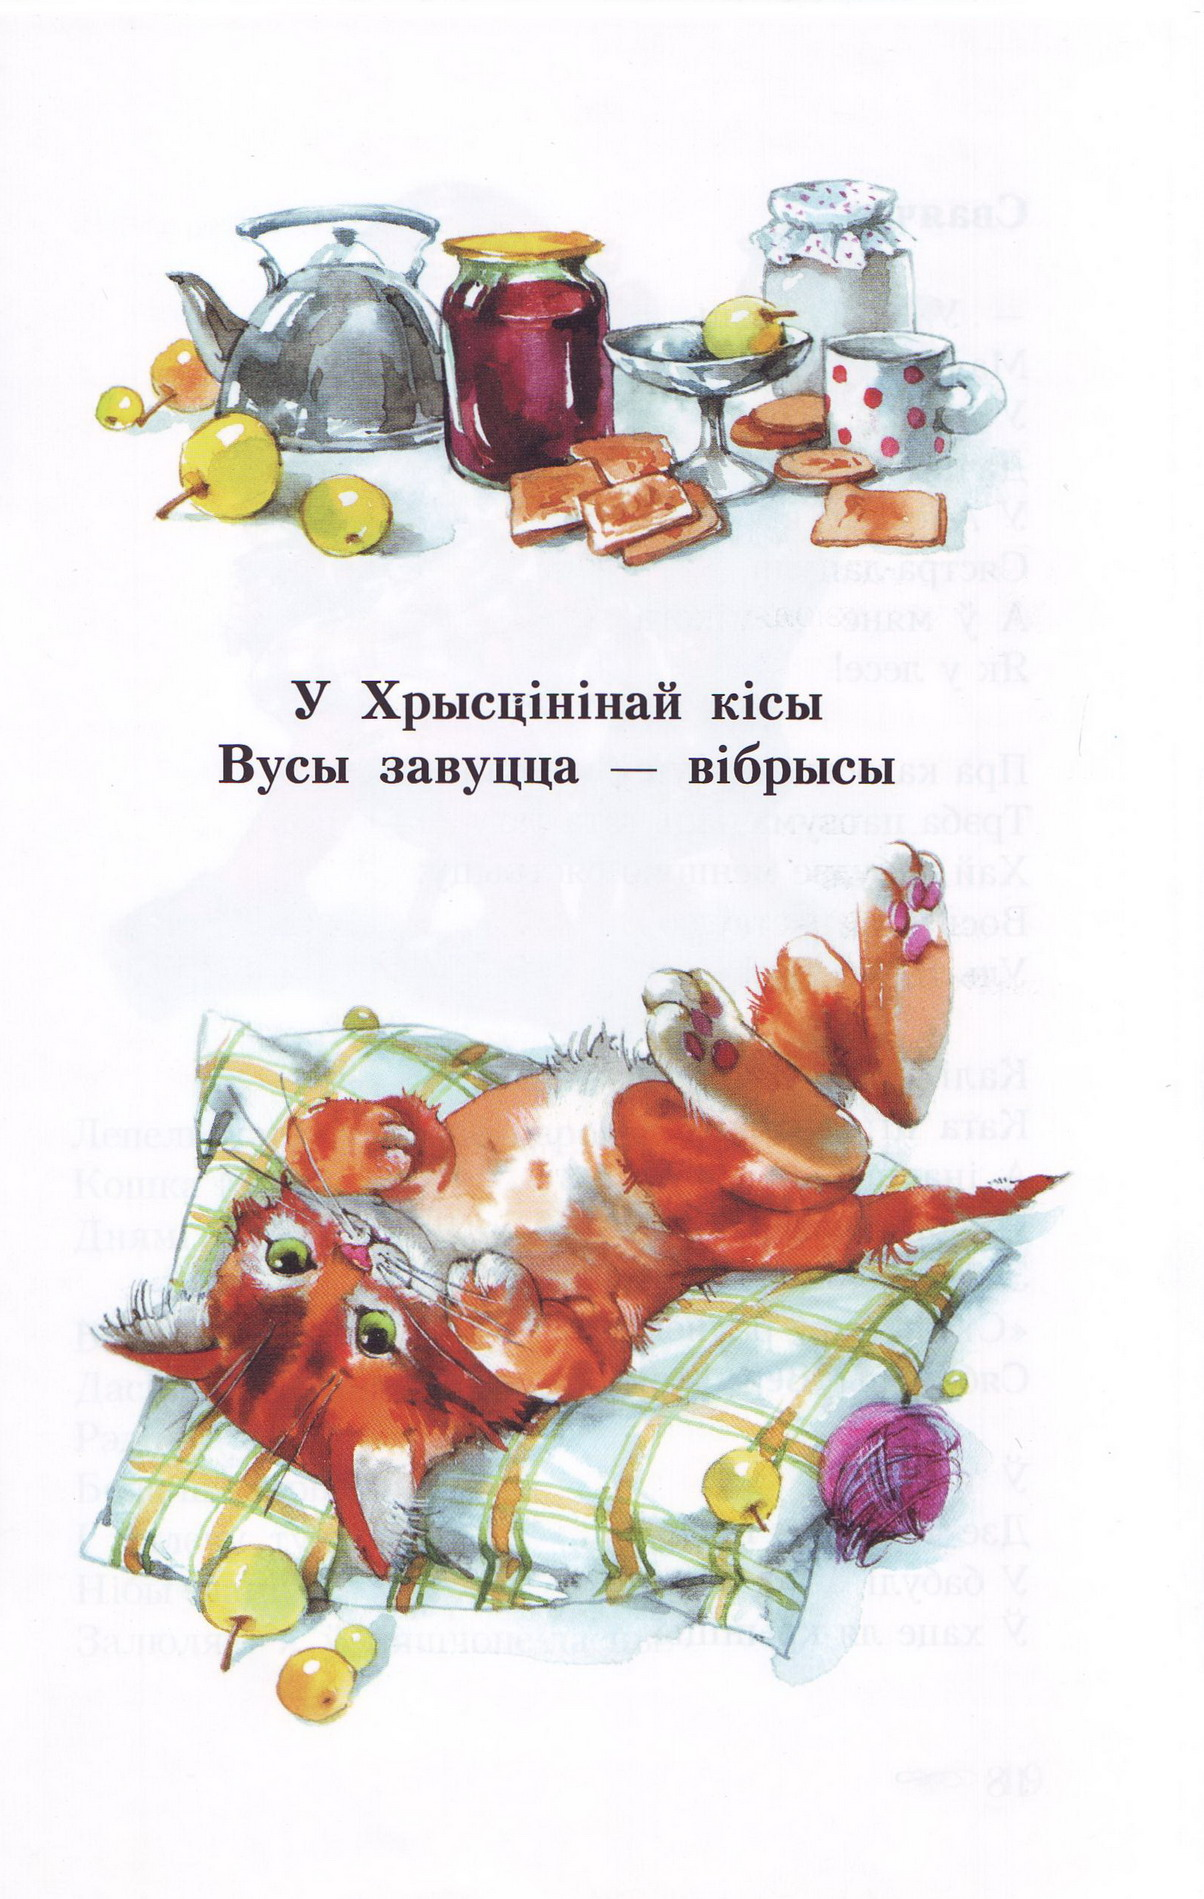 Сіўчыкаў Уладзімір. Кошык Велікодны/ старонкі з кнігі